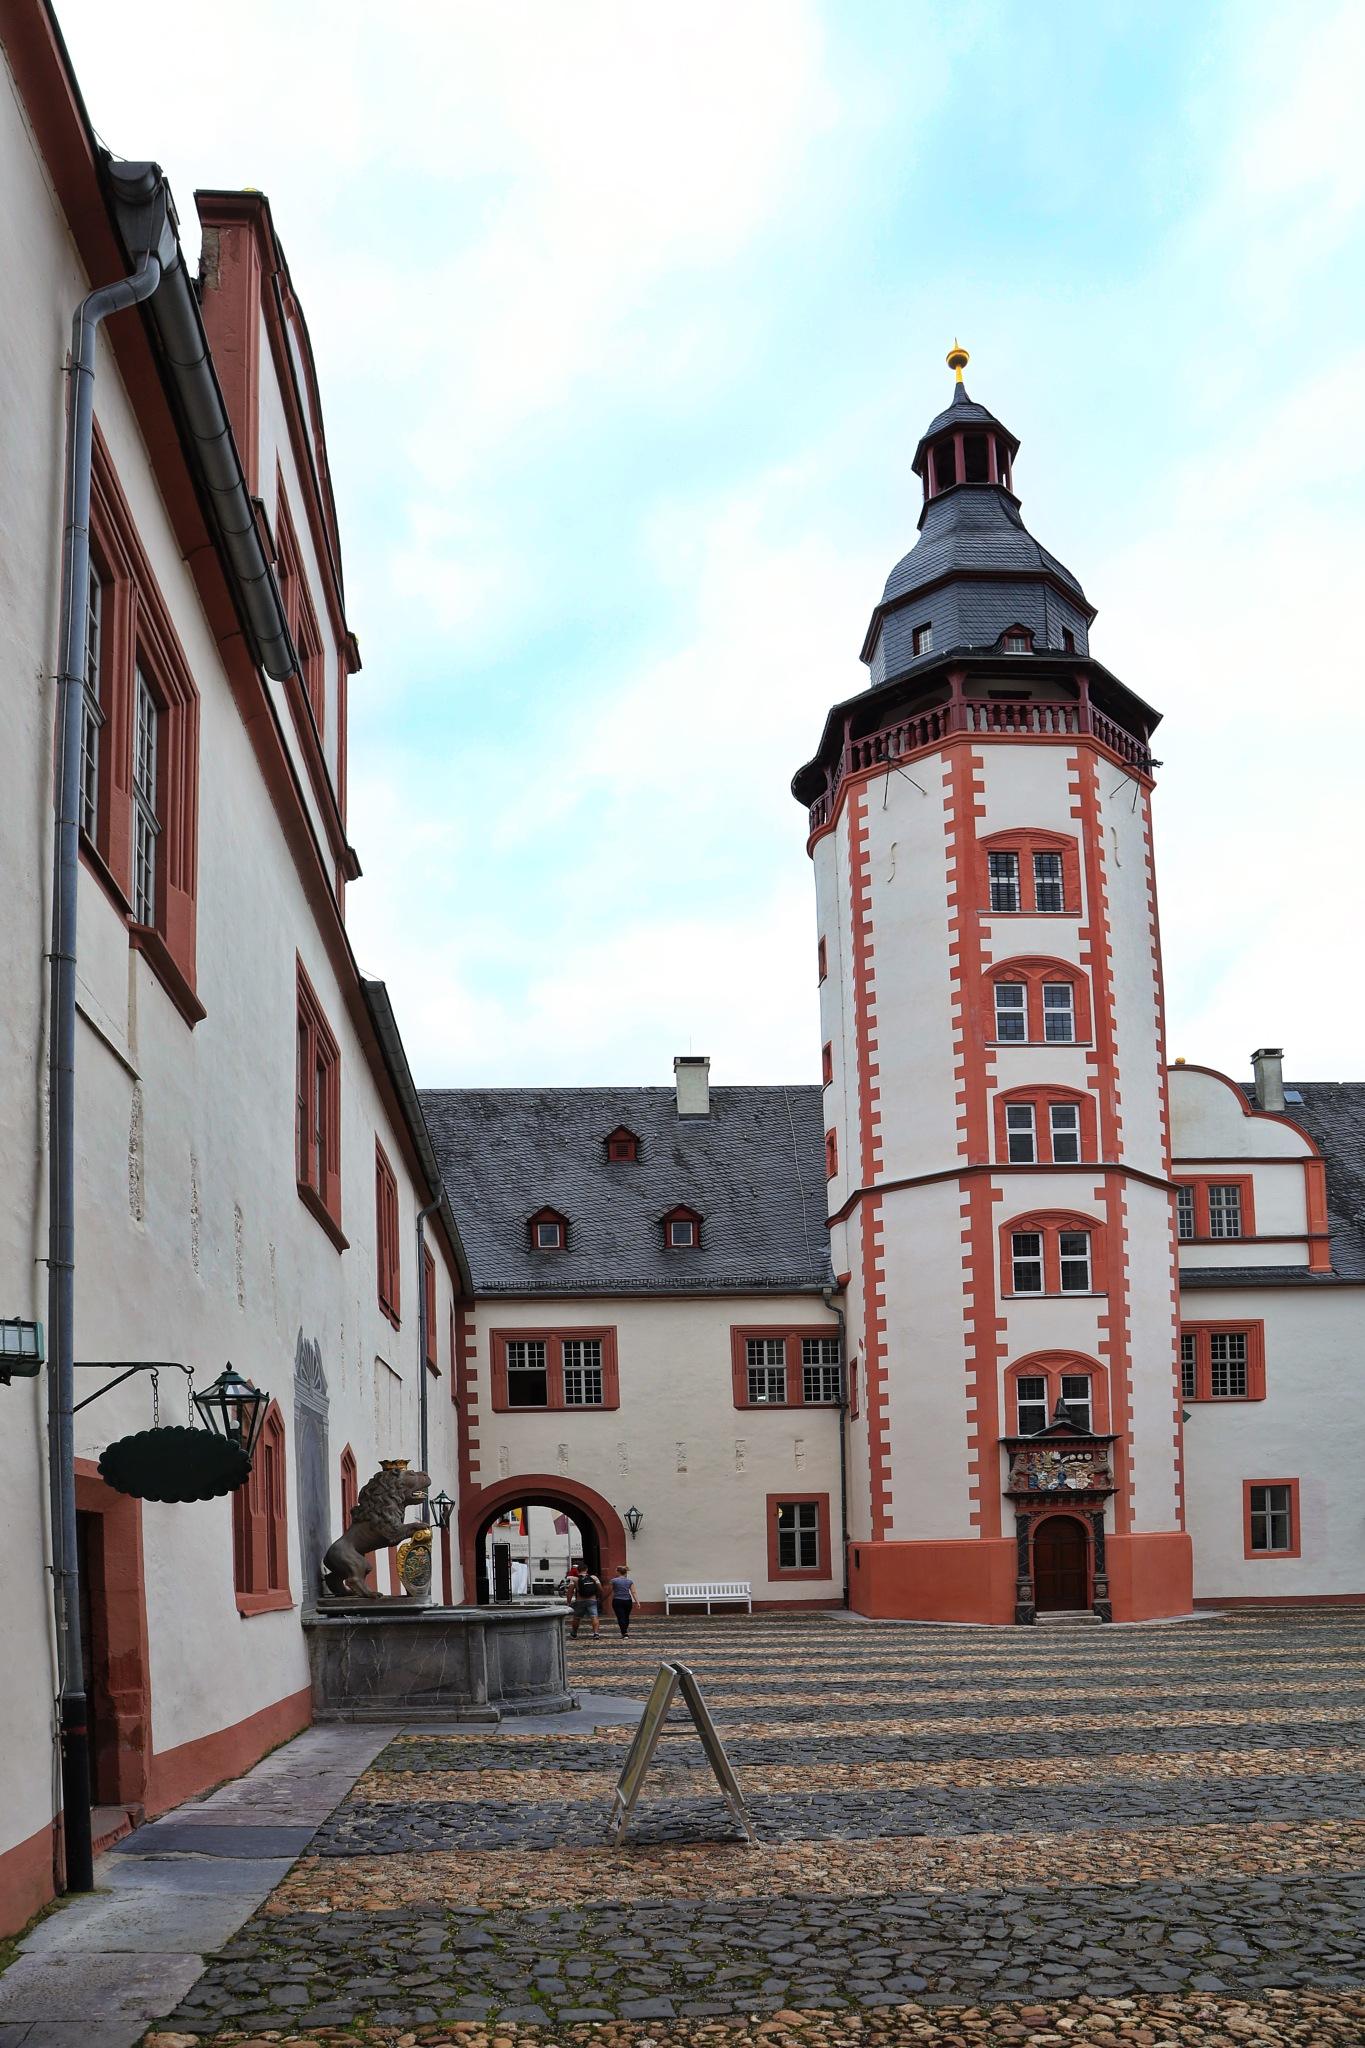 Schloss by Rolf-Dieter Balindt